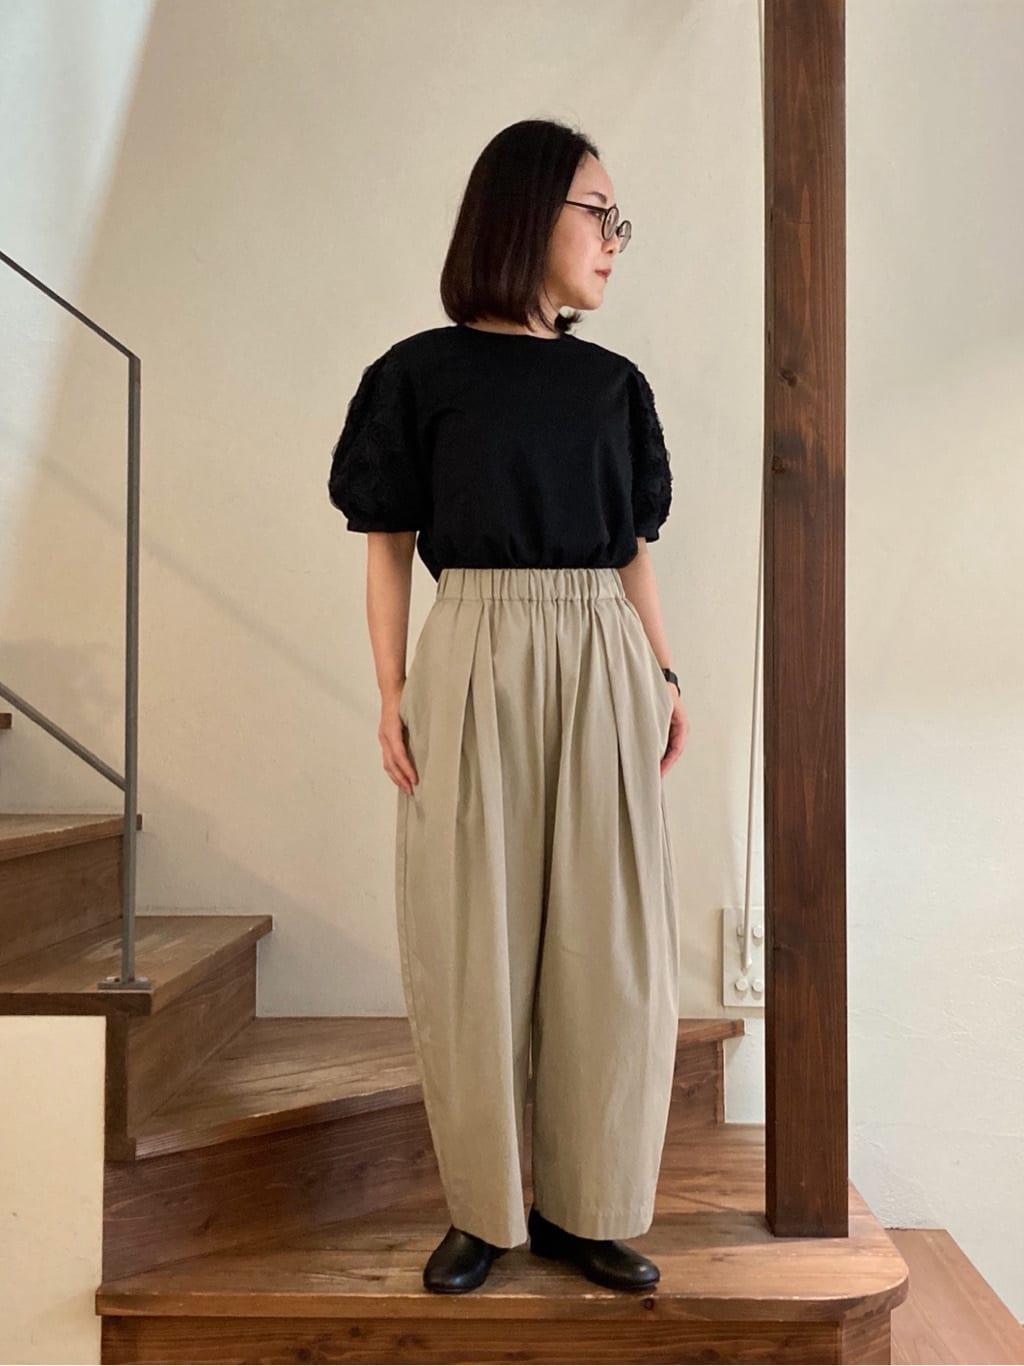 yuni 京都路面 身長:152cm 2021.07.26